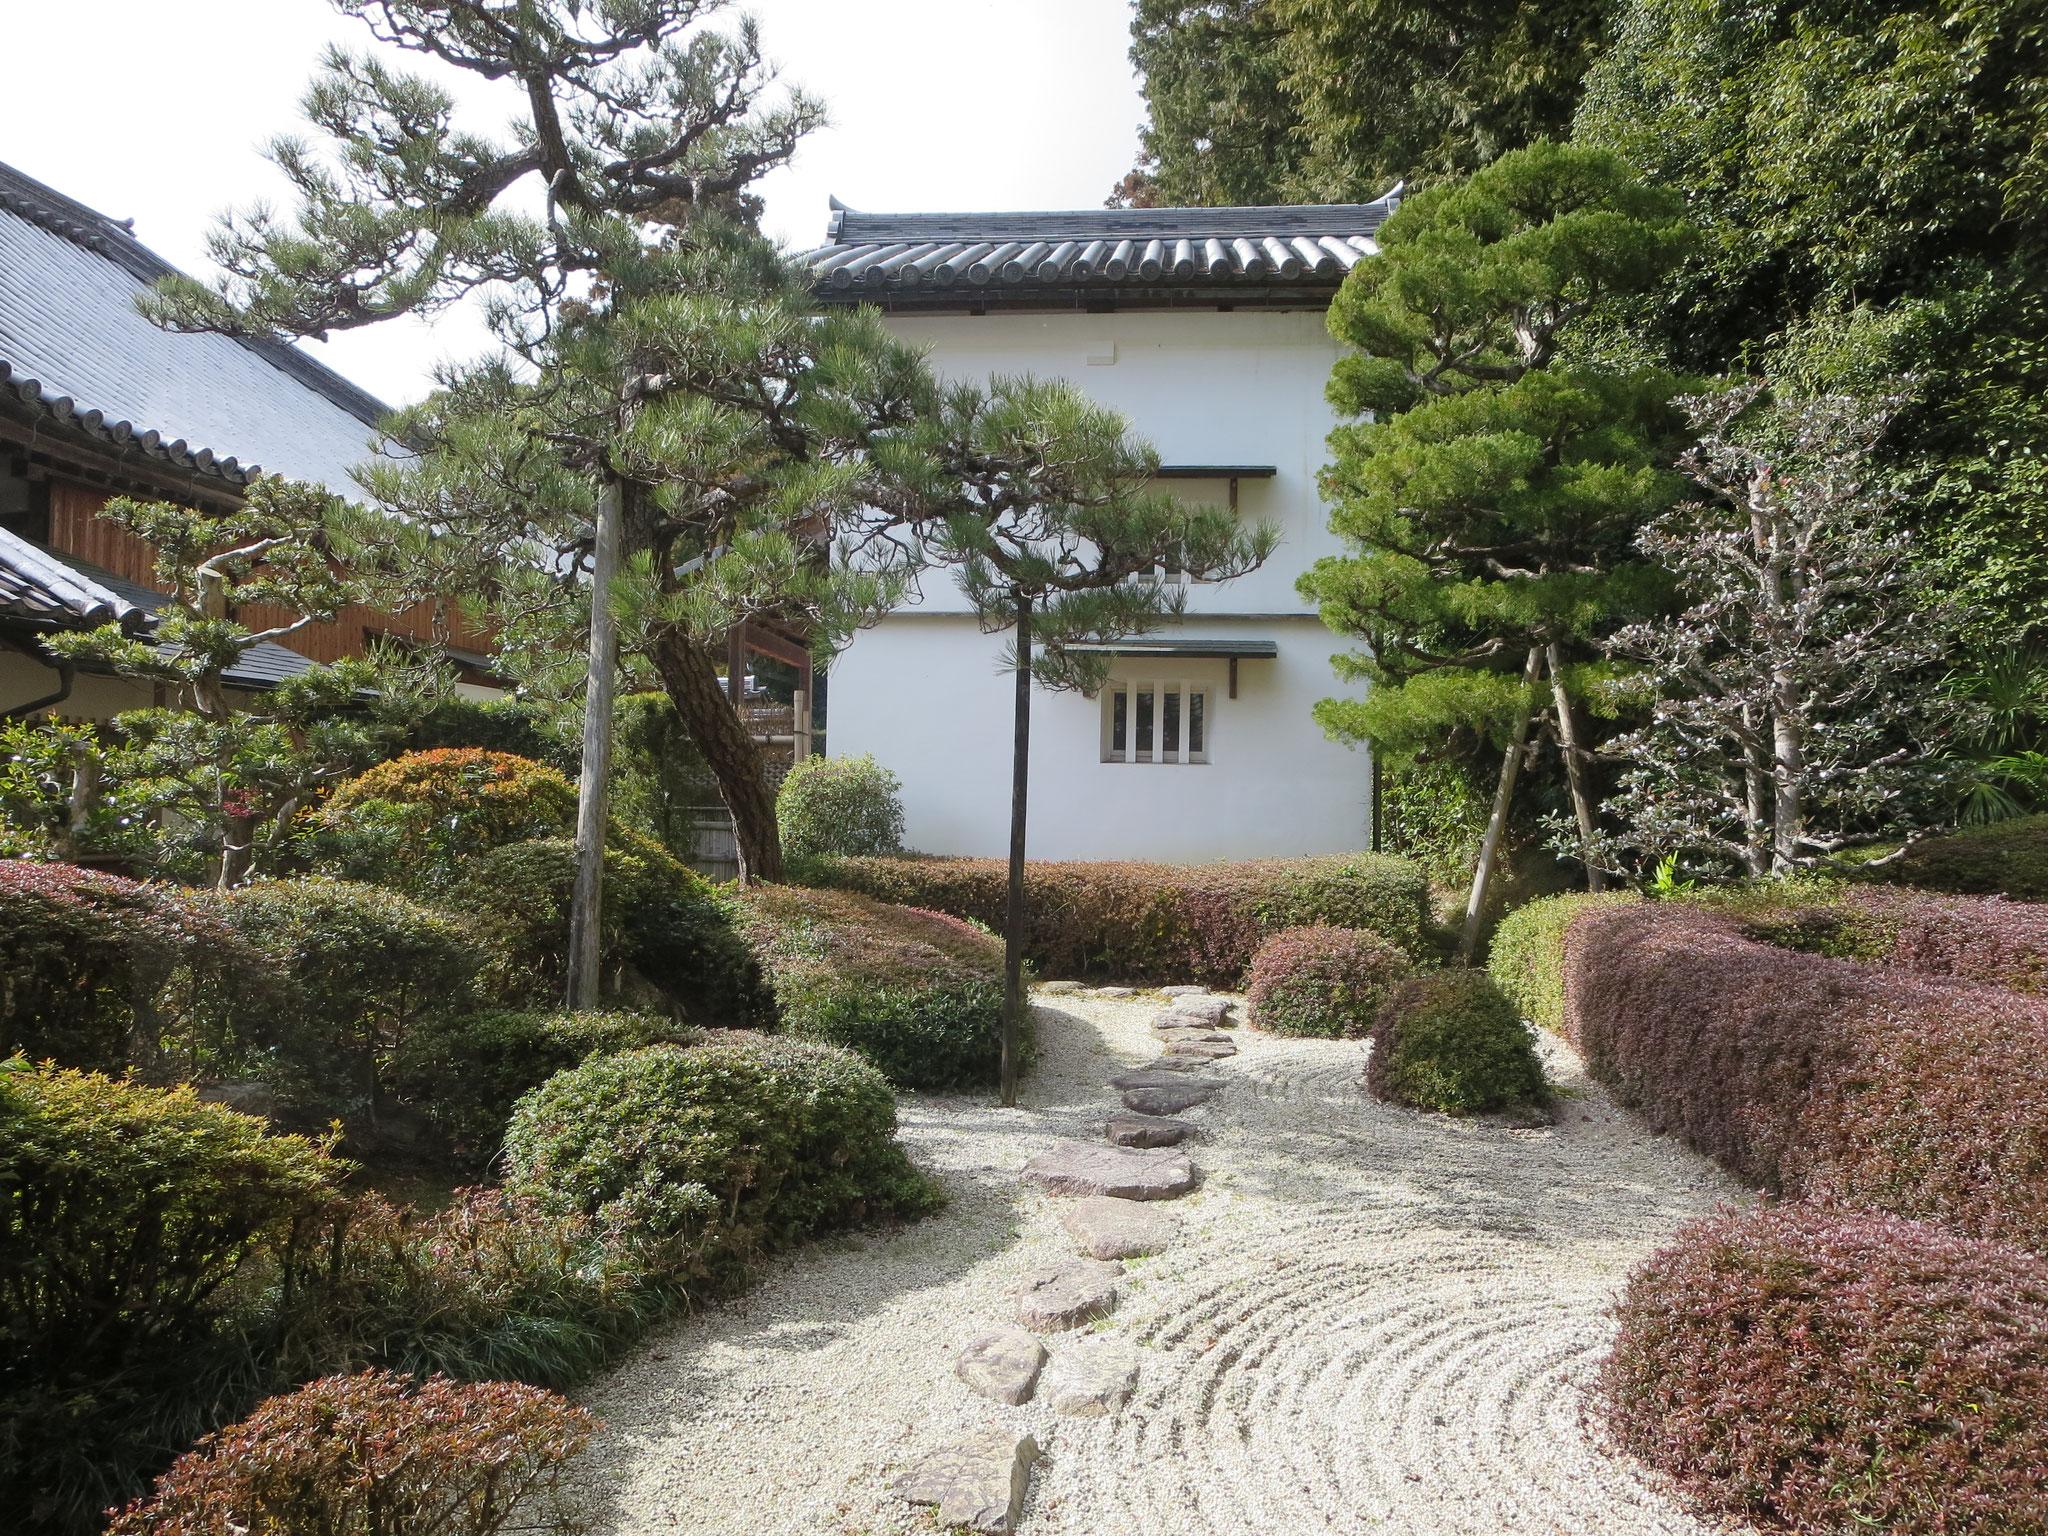 蓬莱の庭 鶴島(中央の松の木)